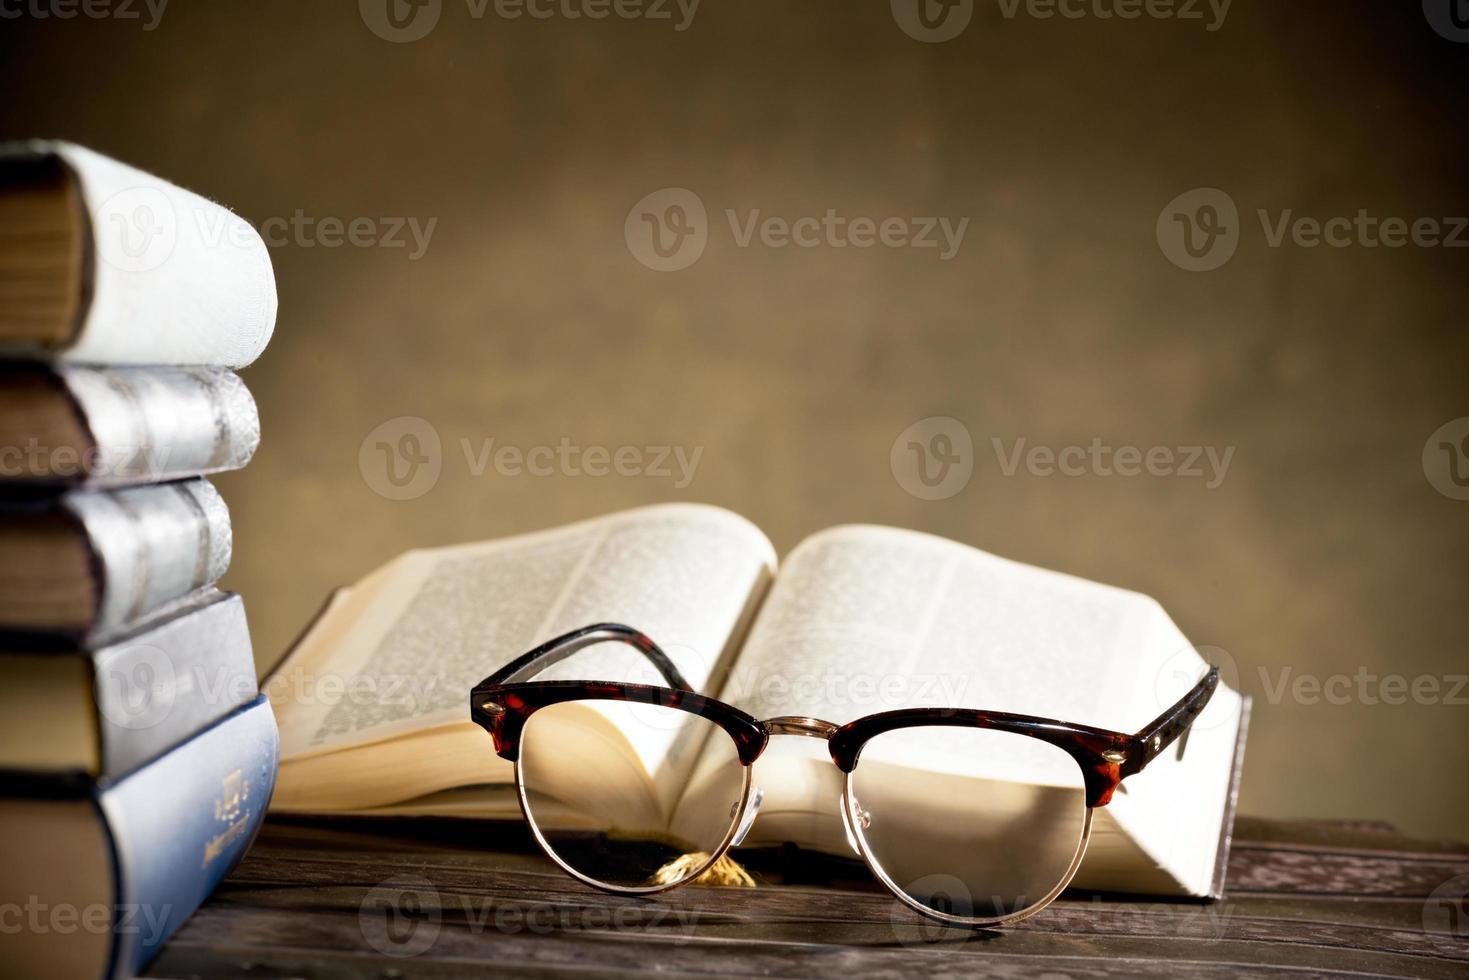 occhiali con libri foto